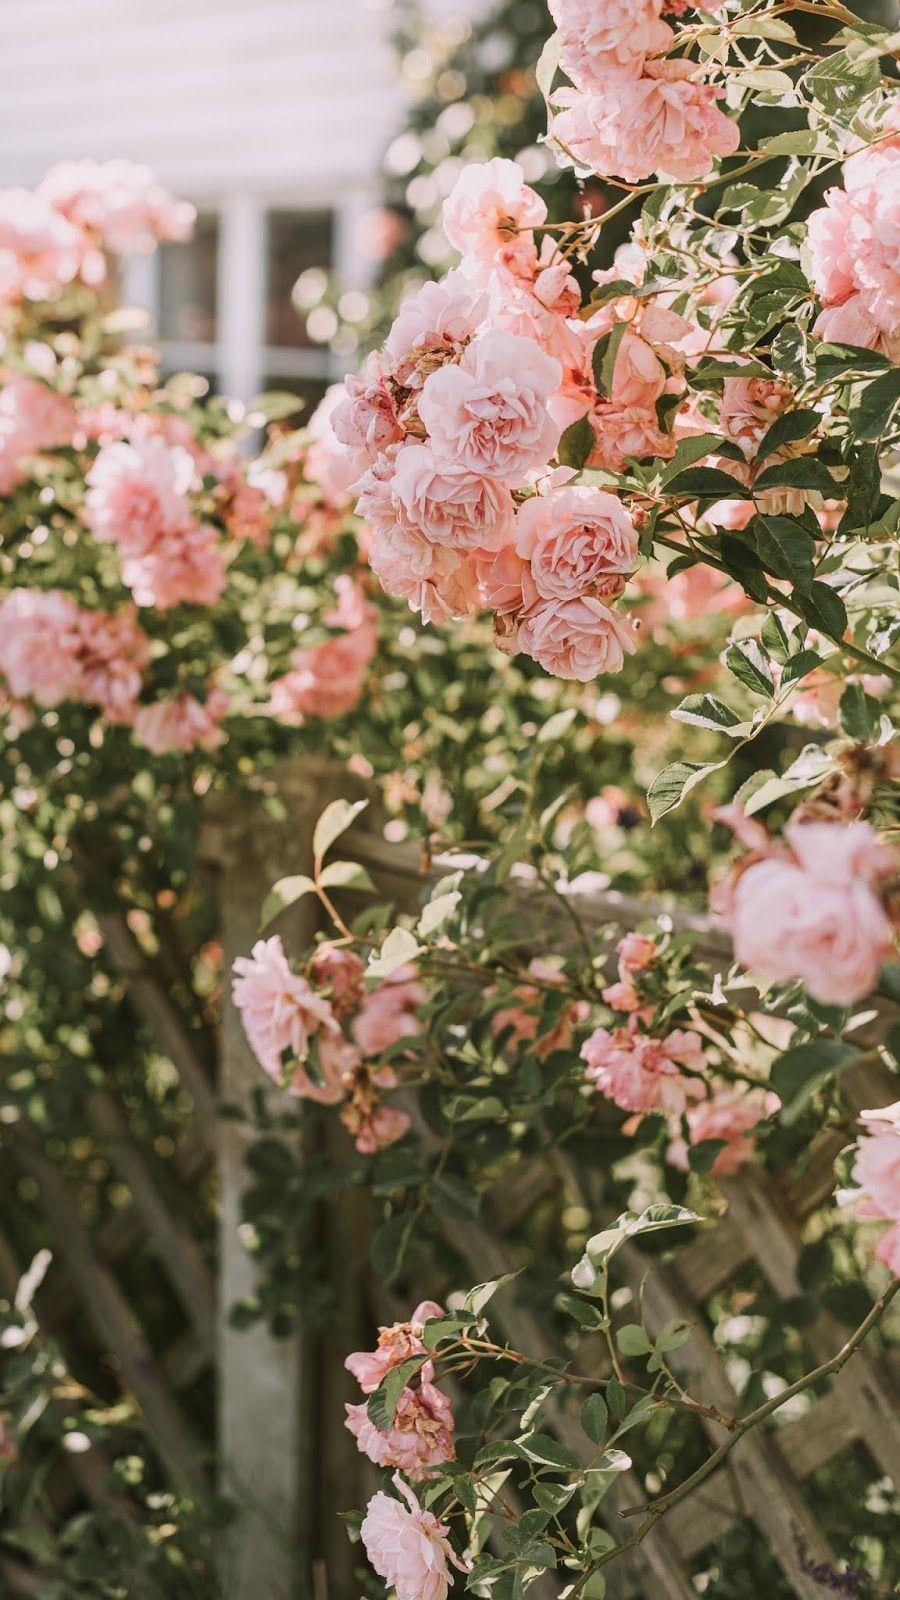 aesthetic vintage pink rose Flower phone wallpaper